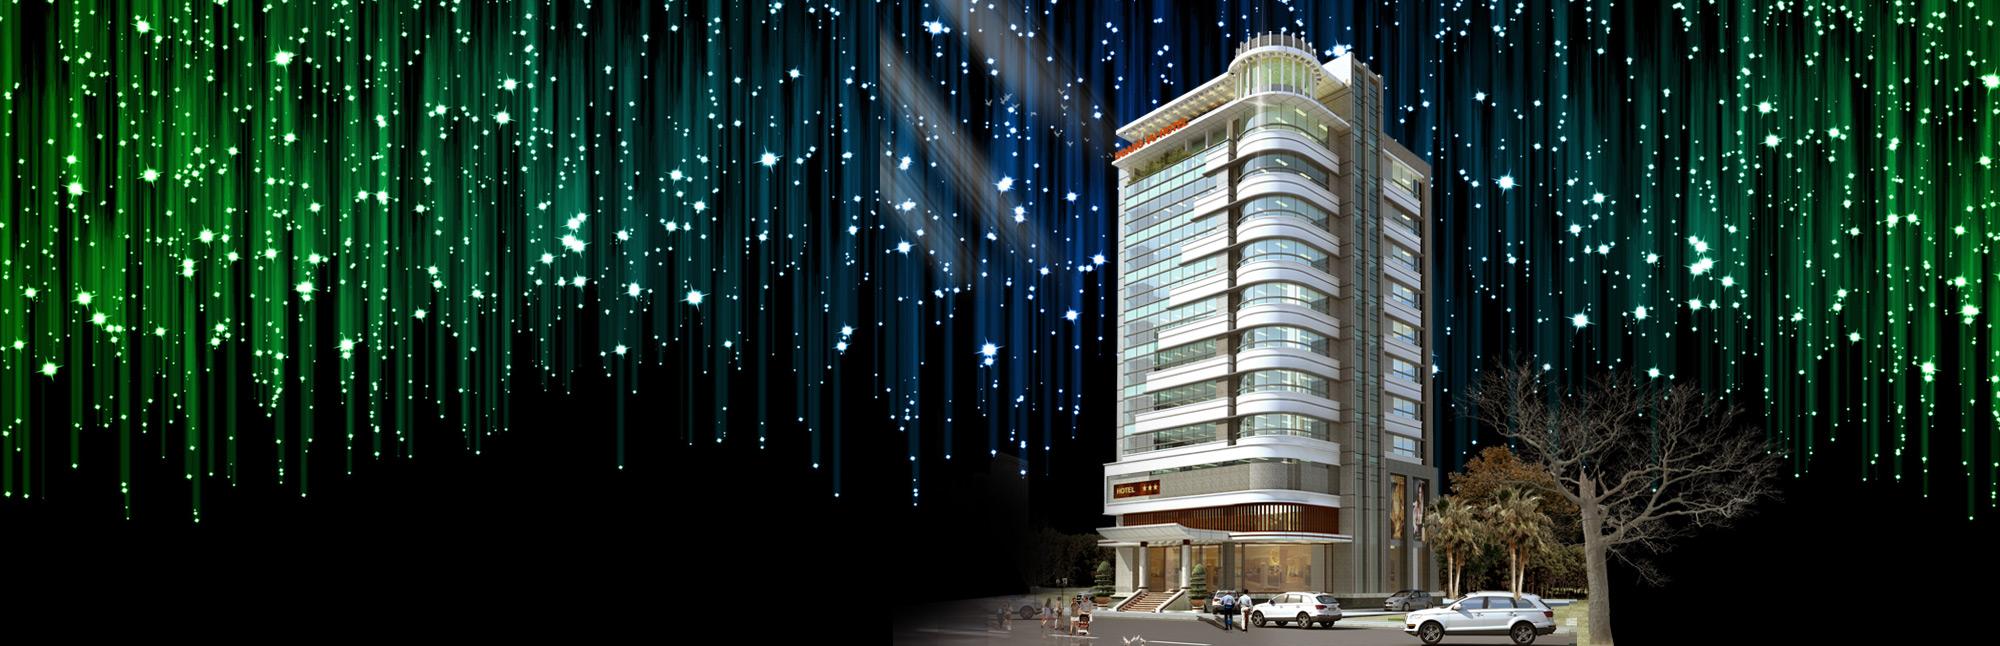 Thiết kế khách sạn đẹp HTK 2017